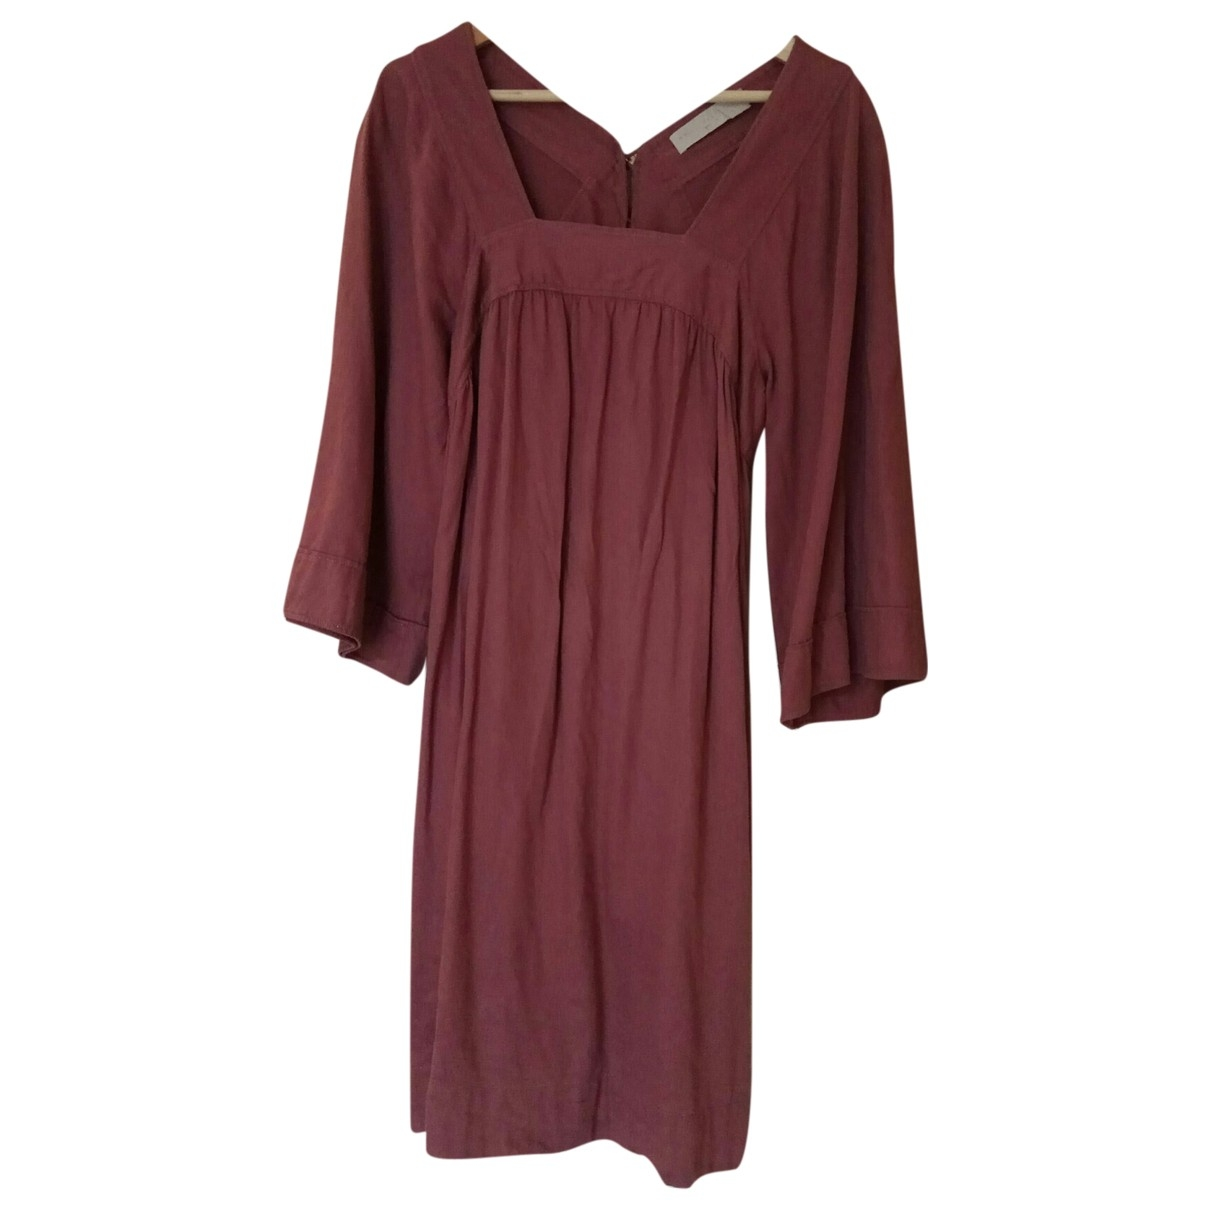 Stella Mccartney \N Cotton dress for Women 42 IT